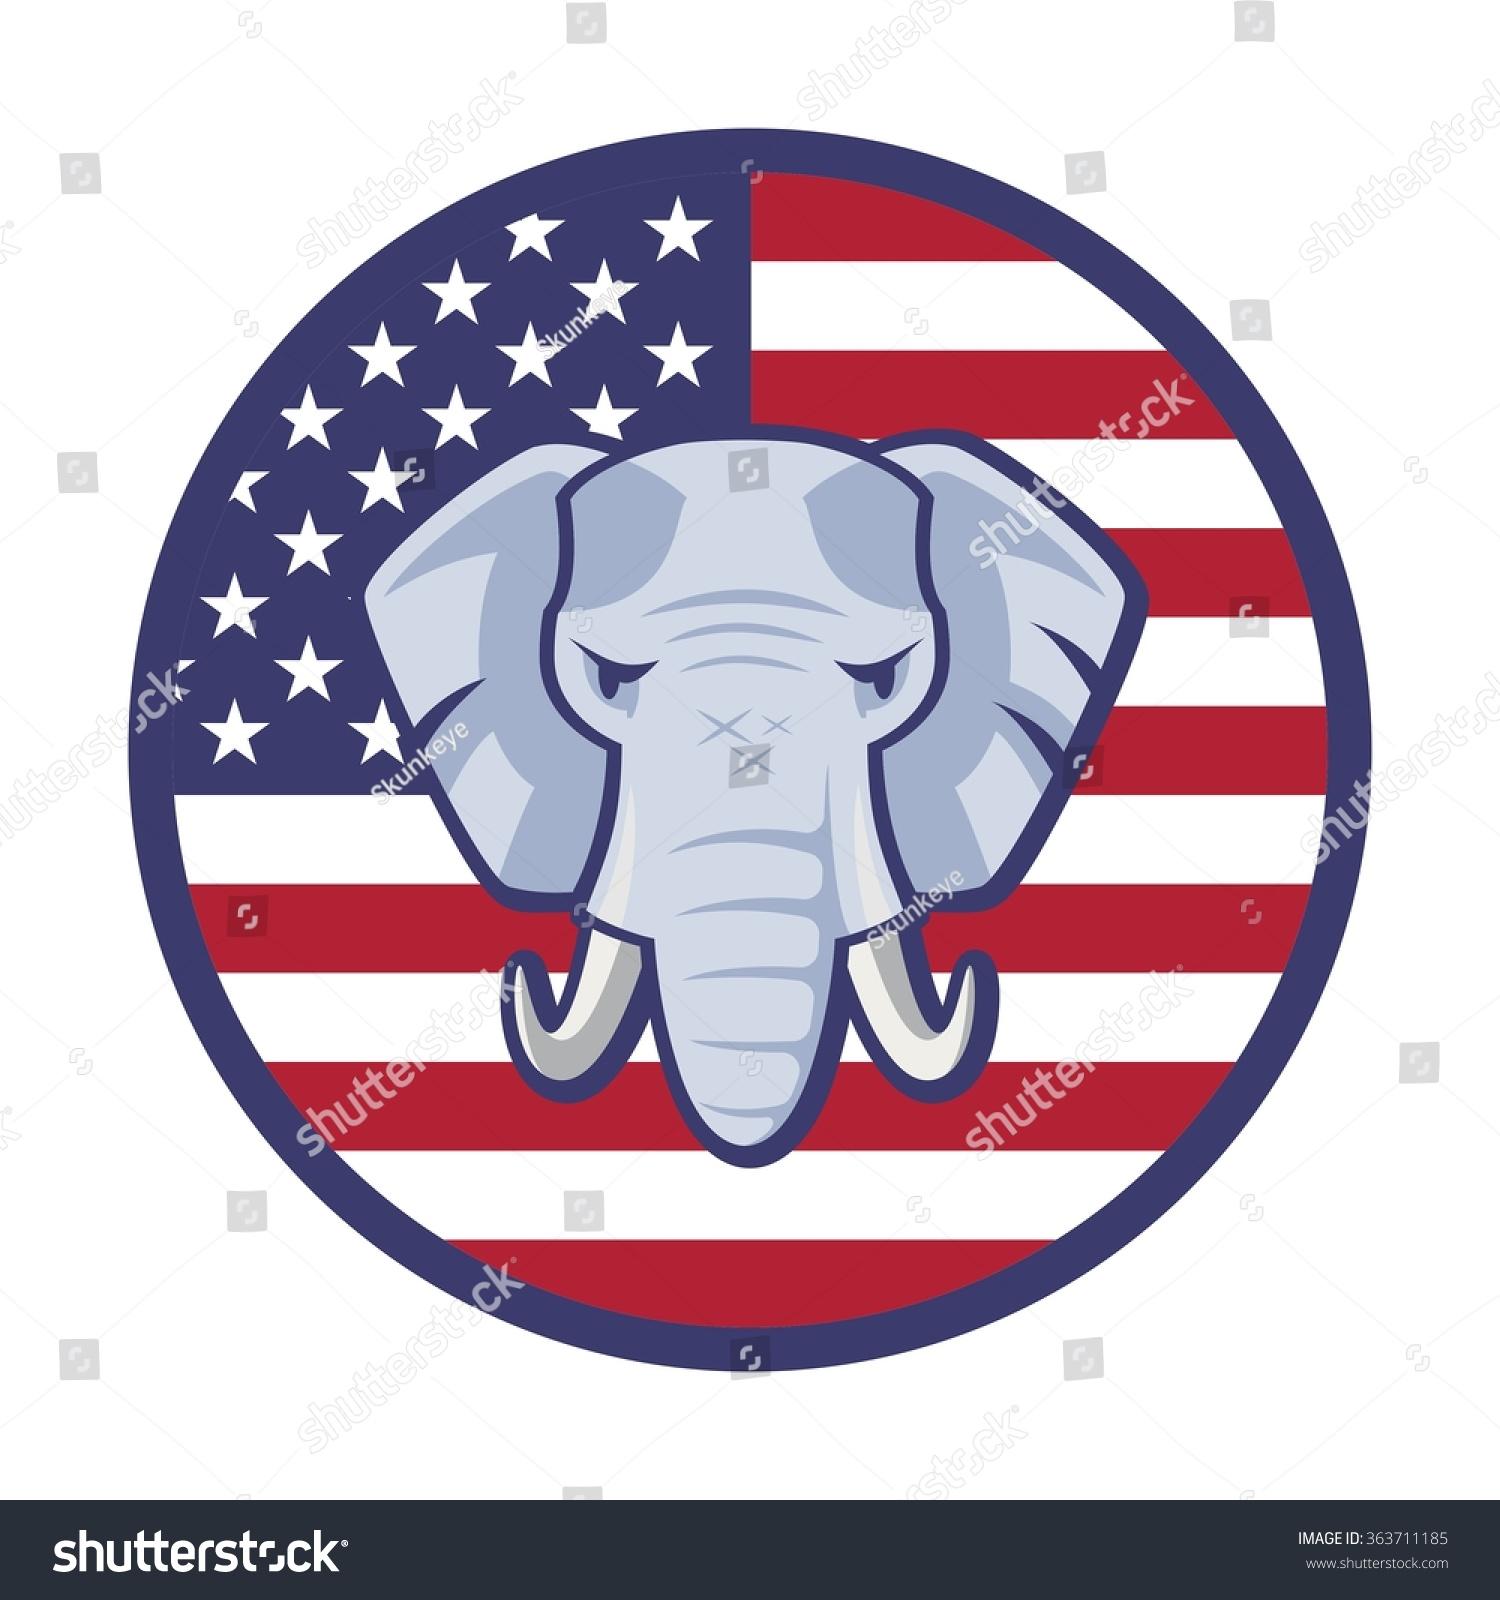 American Republican Party Election Elephant Symbol Vector ...